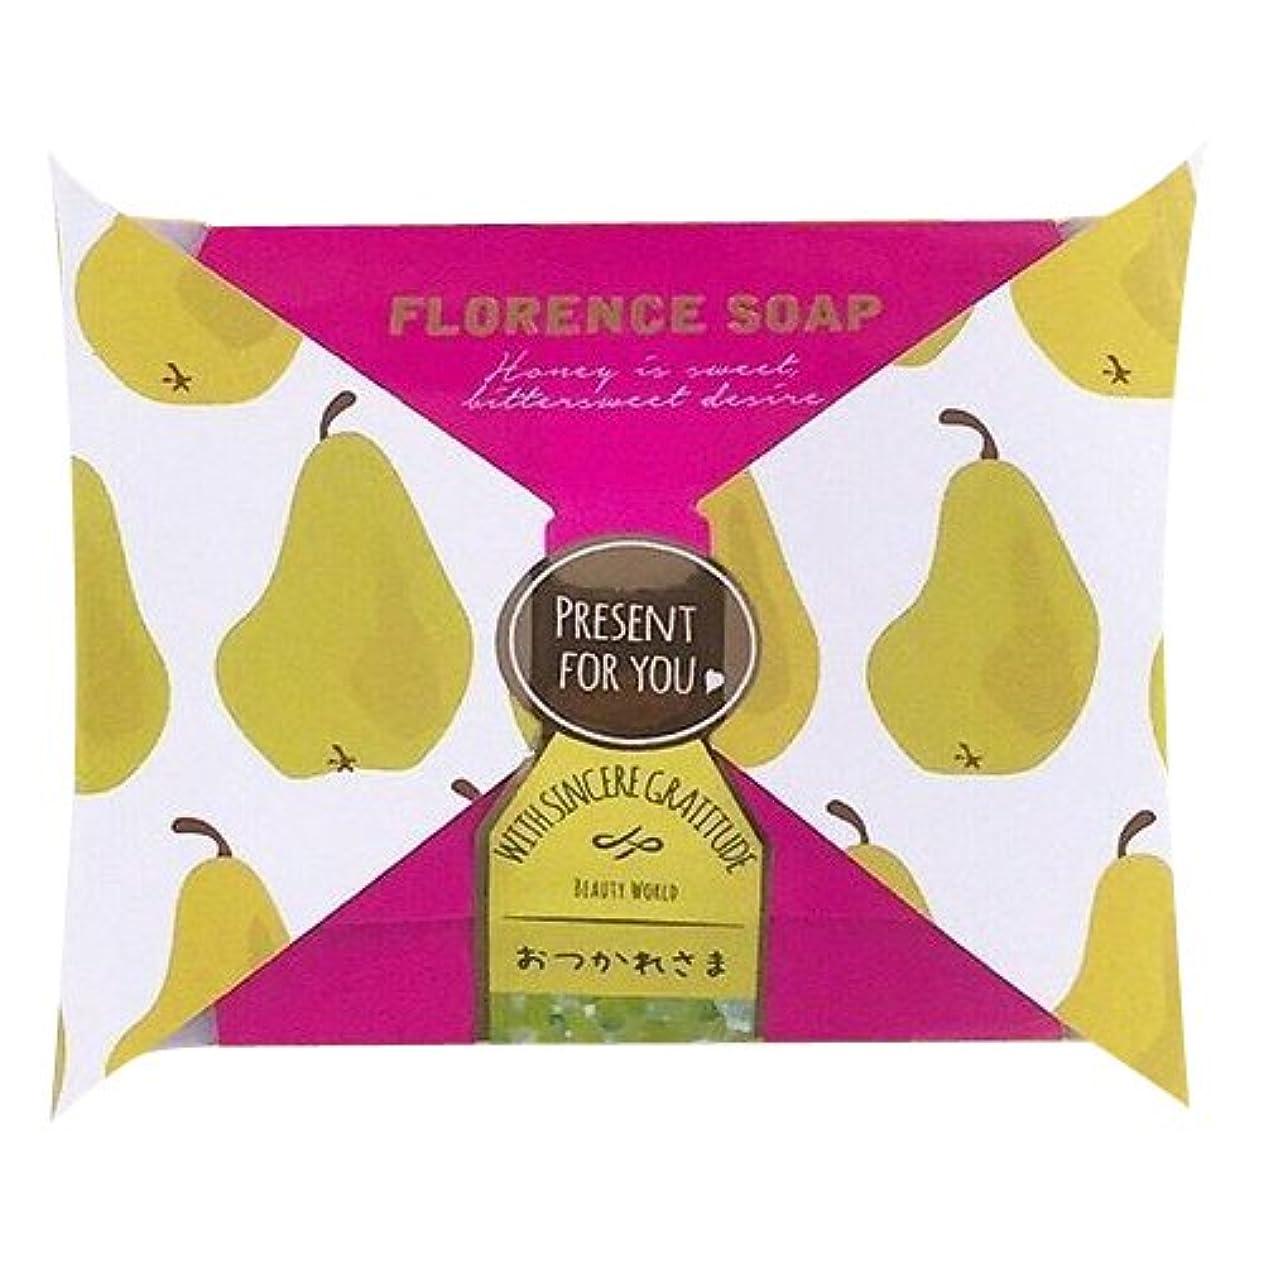 画家宗教的なセレナBW フローレンスの香り石けん リボンパッケージ FSP386 密の甘く切ない願い (35g)